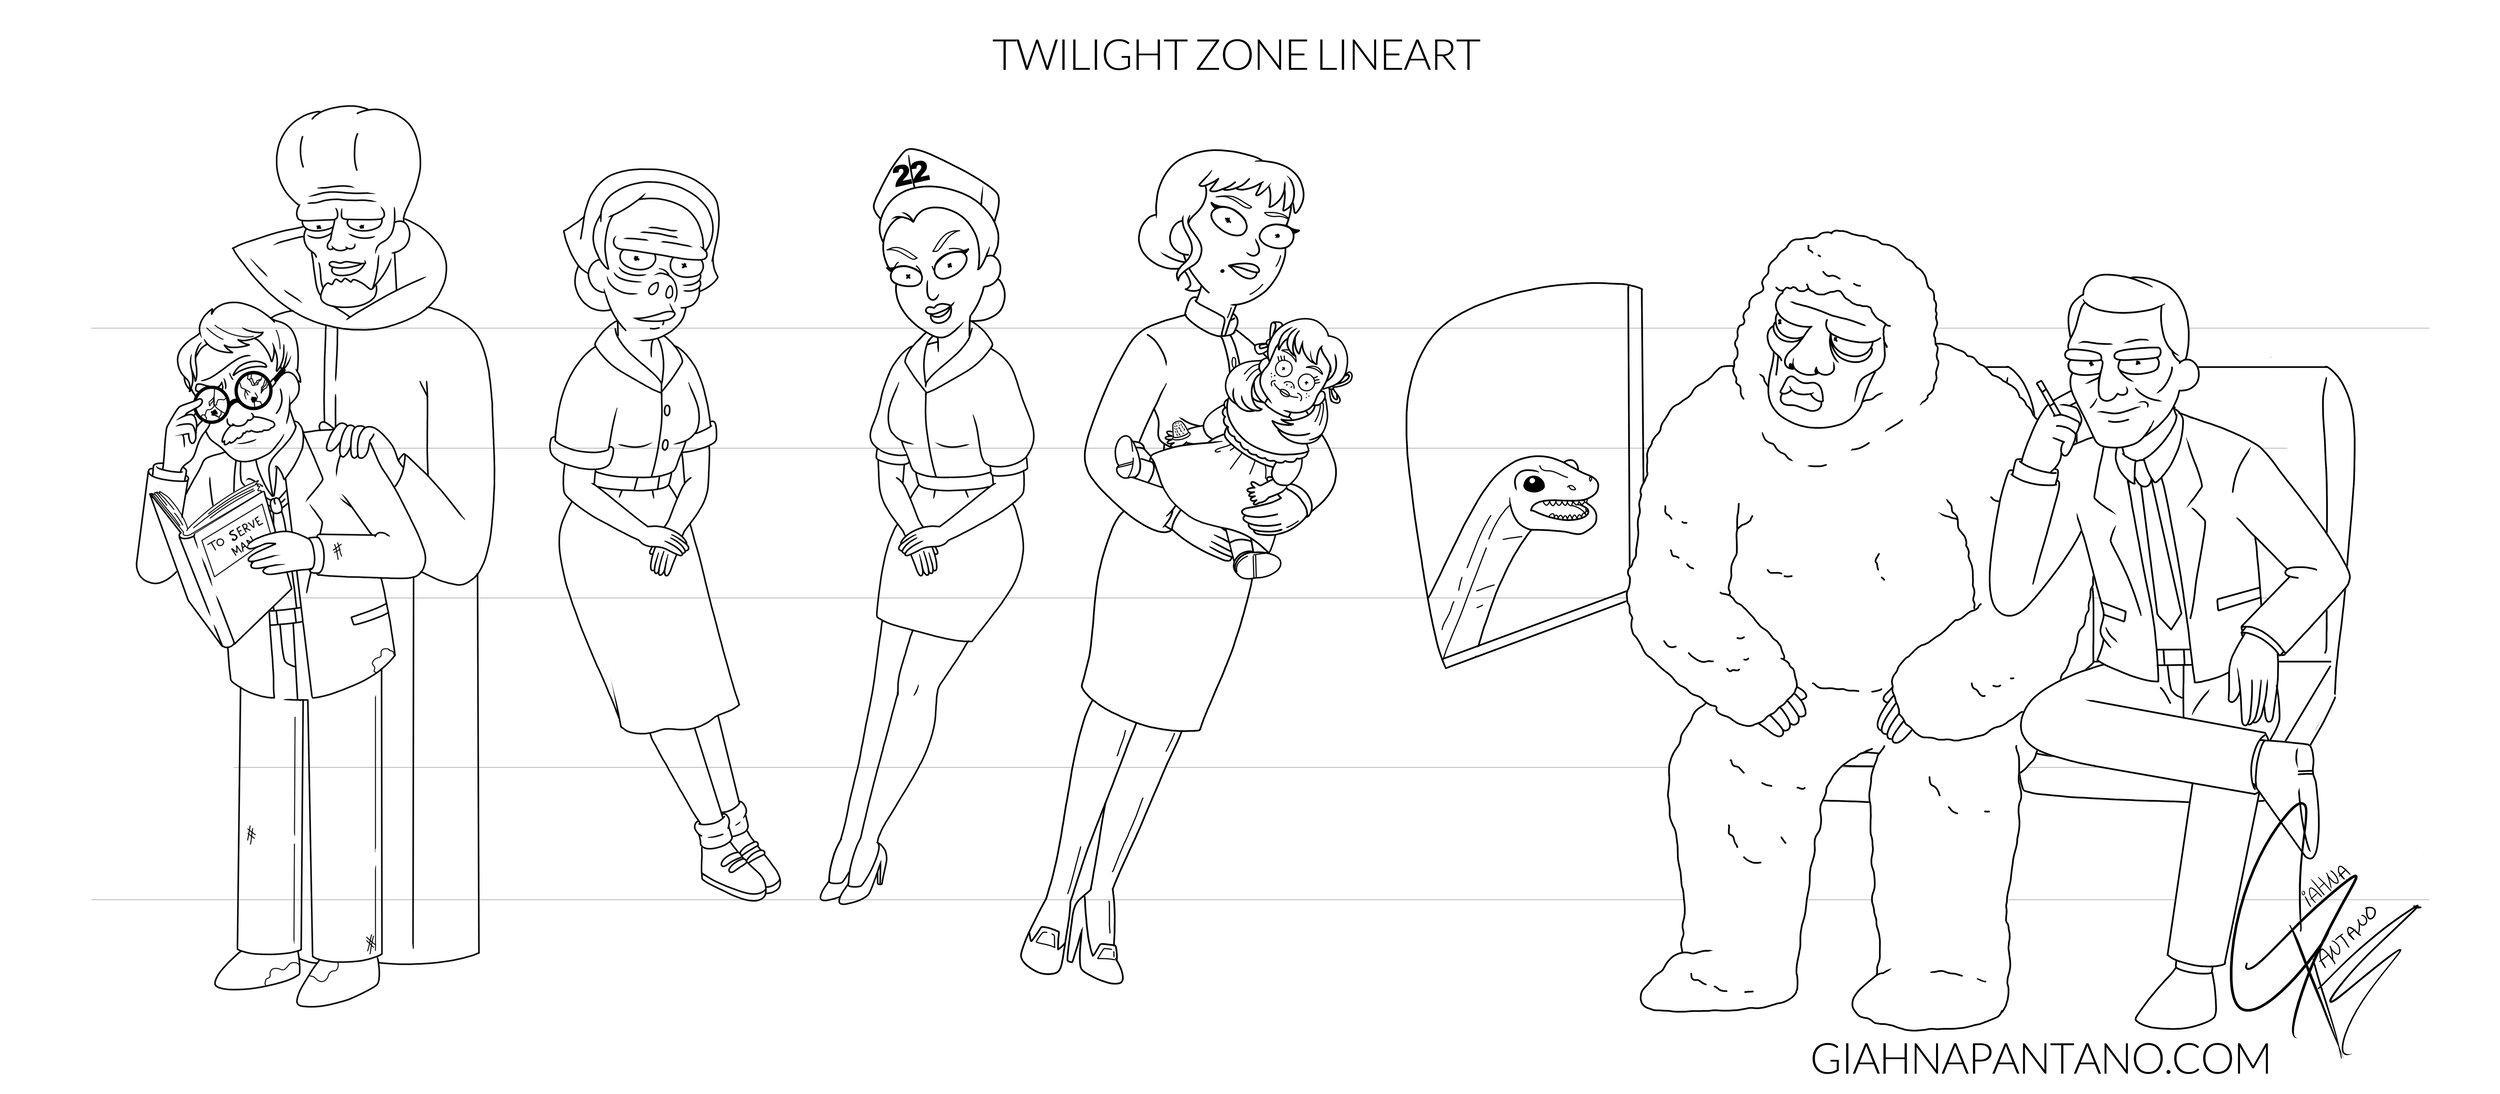 TWILIGHT ZONE LINEART.jpg